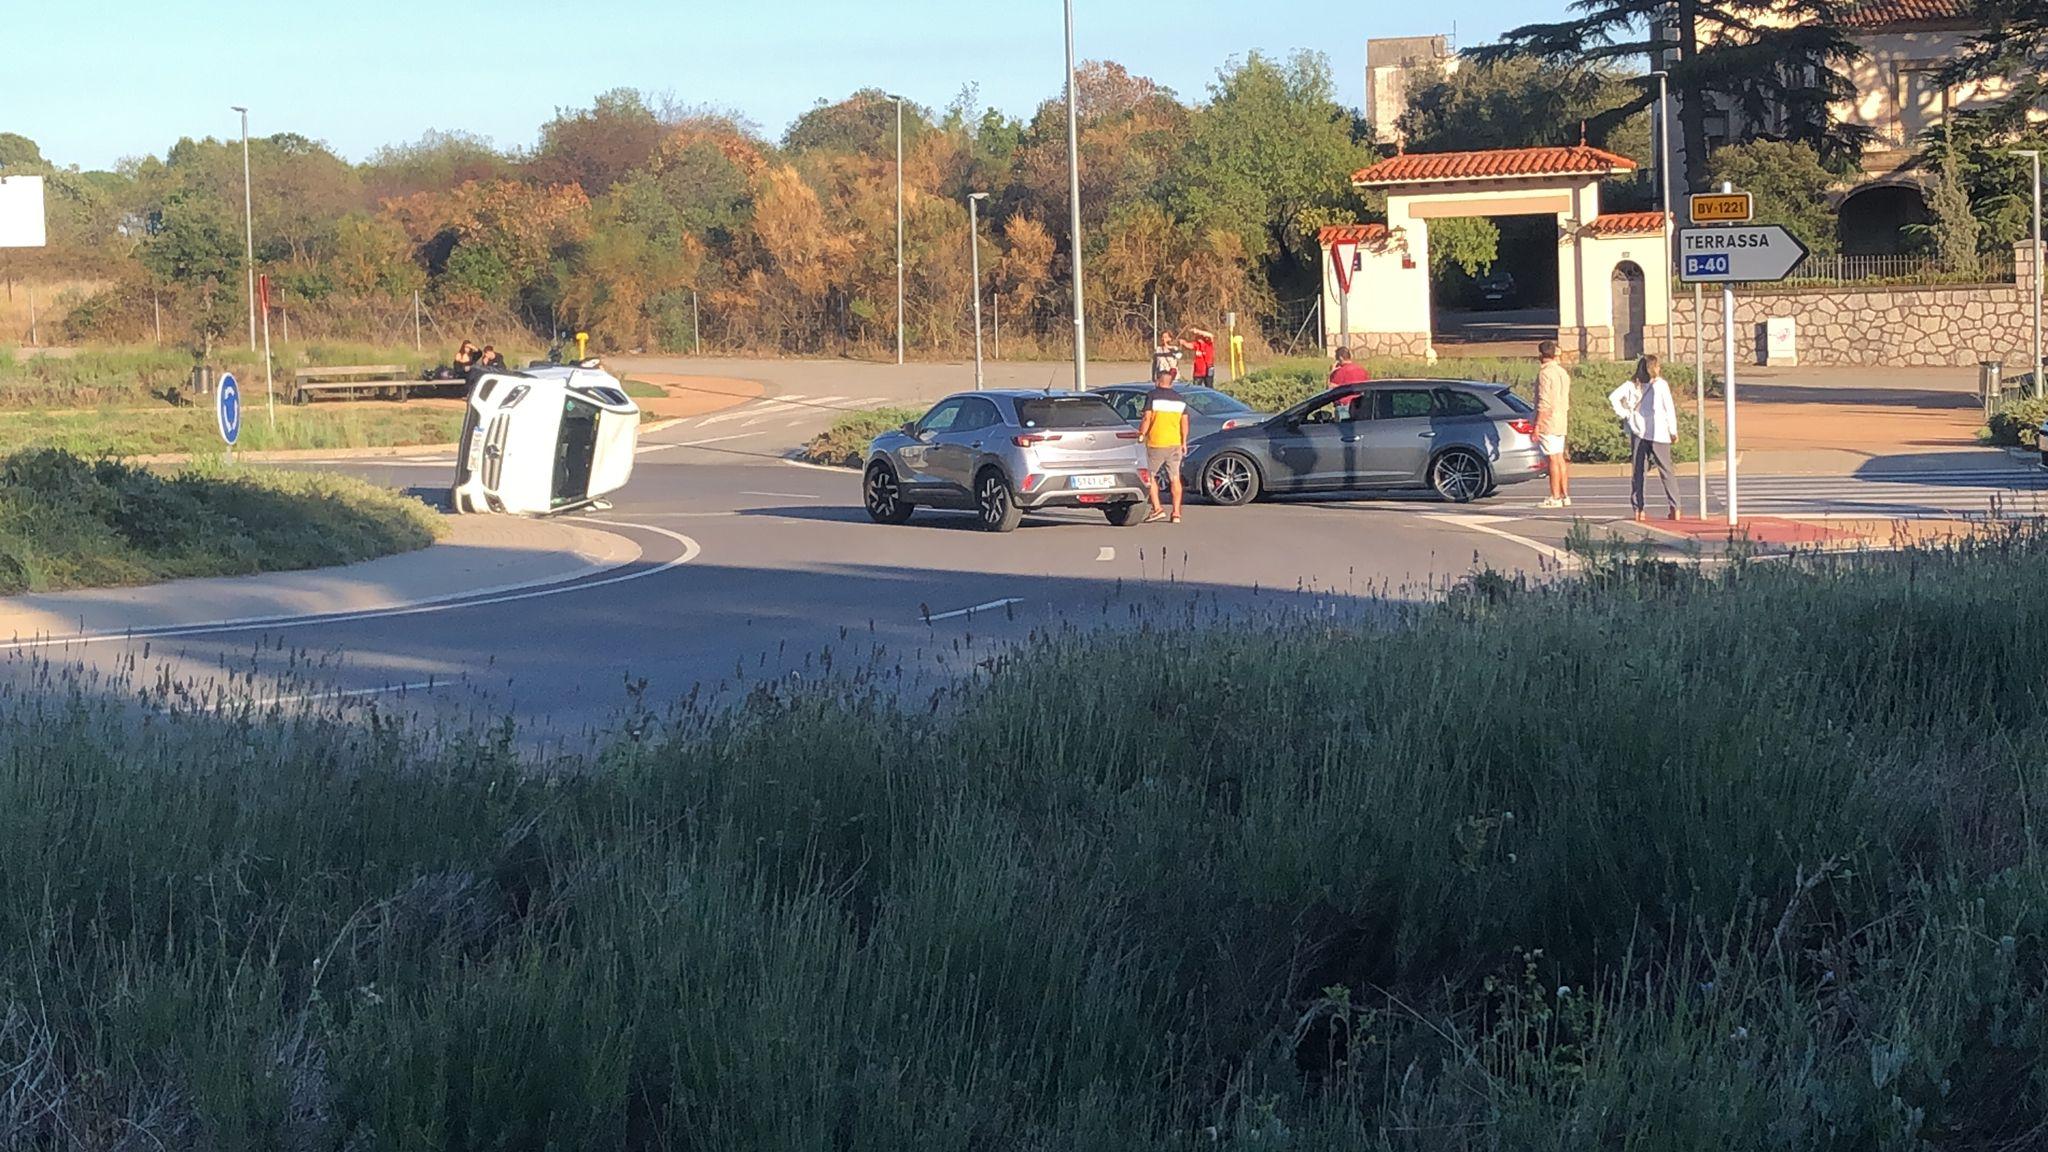 Accident de trànsit amb cotxe bolcat a la carretera Matadepera a Terrassa | Marsal Mauri